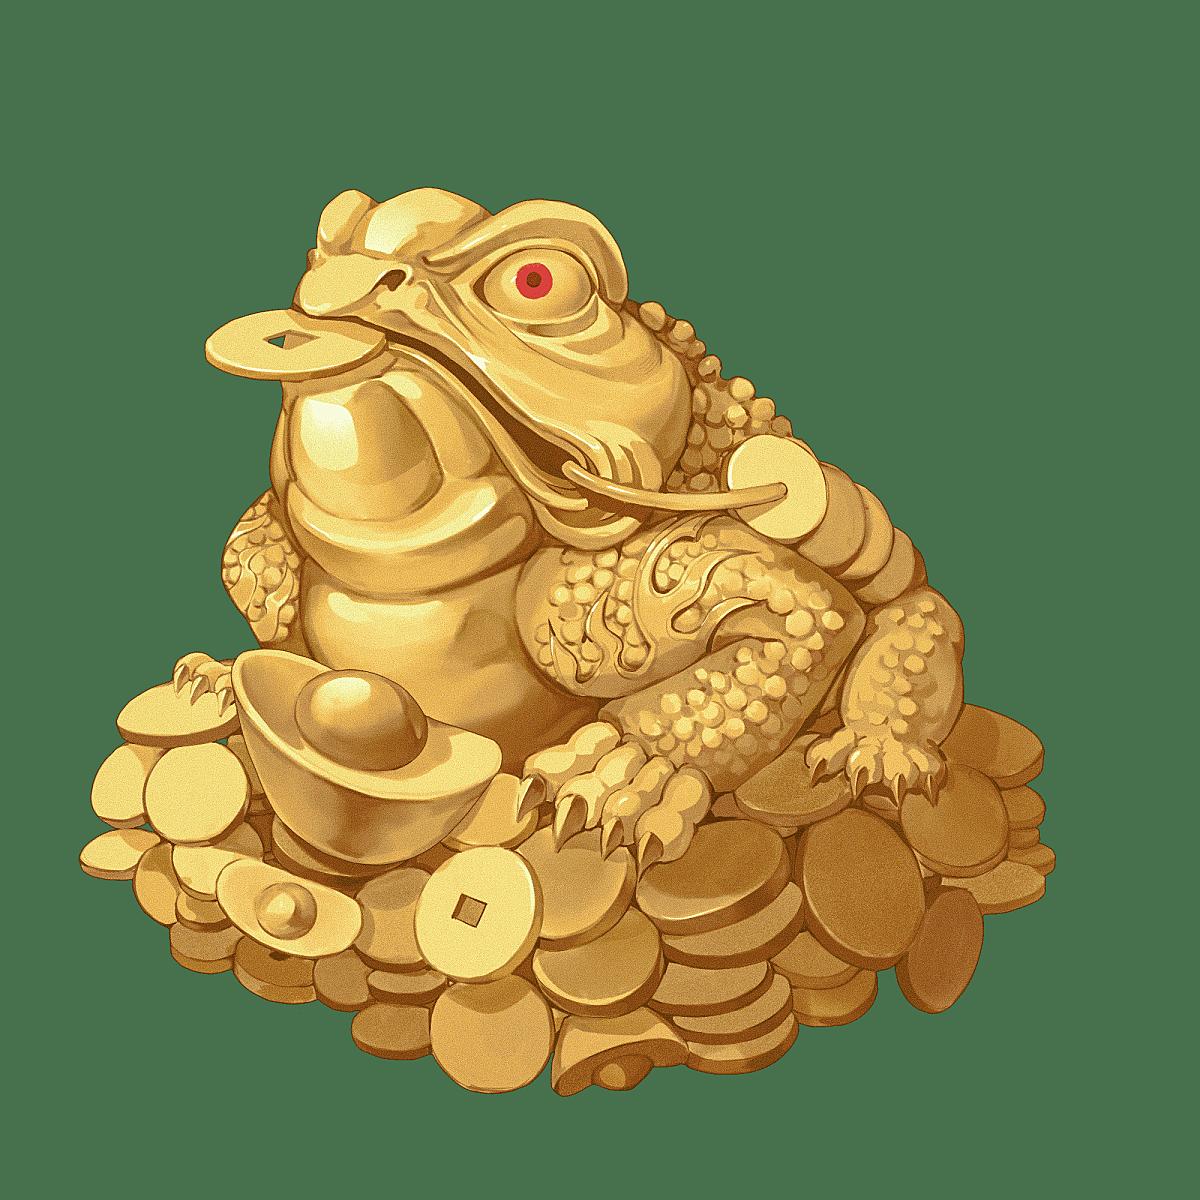 中国风-金色国潮动物元素-三足金蟾